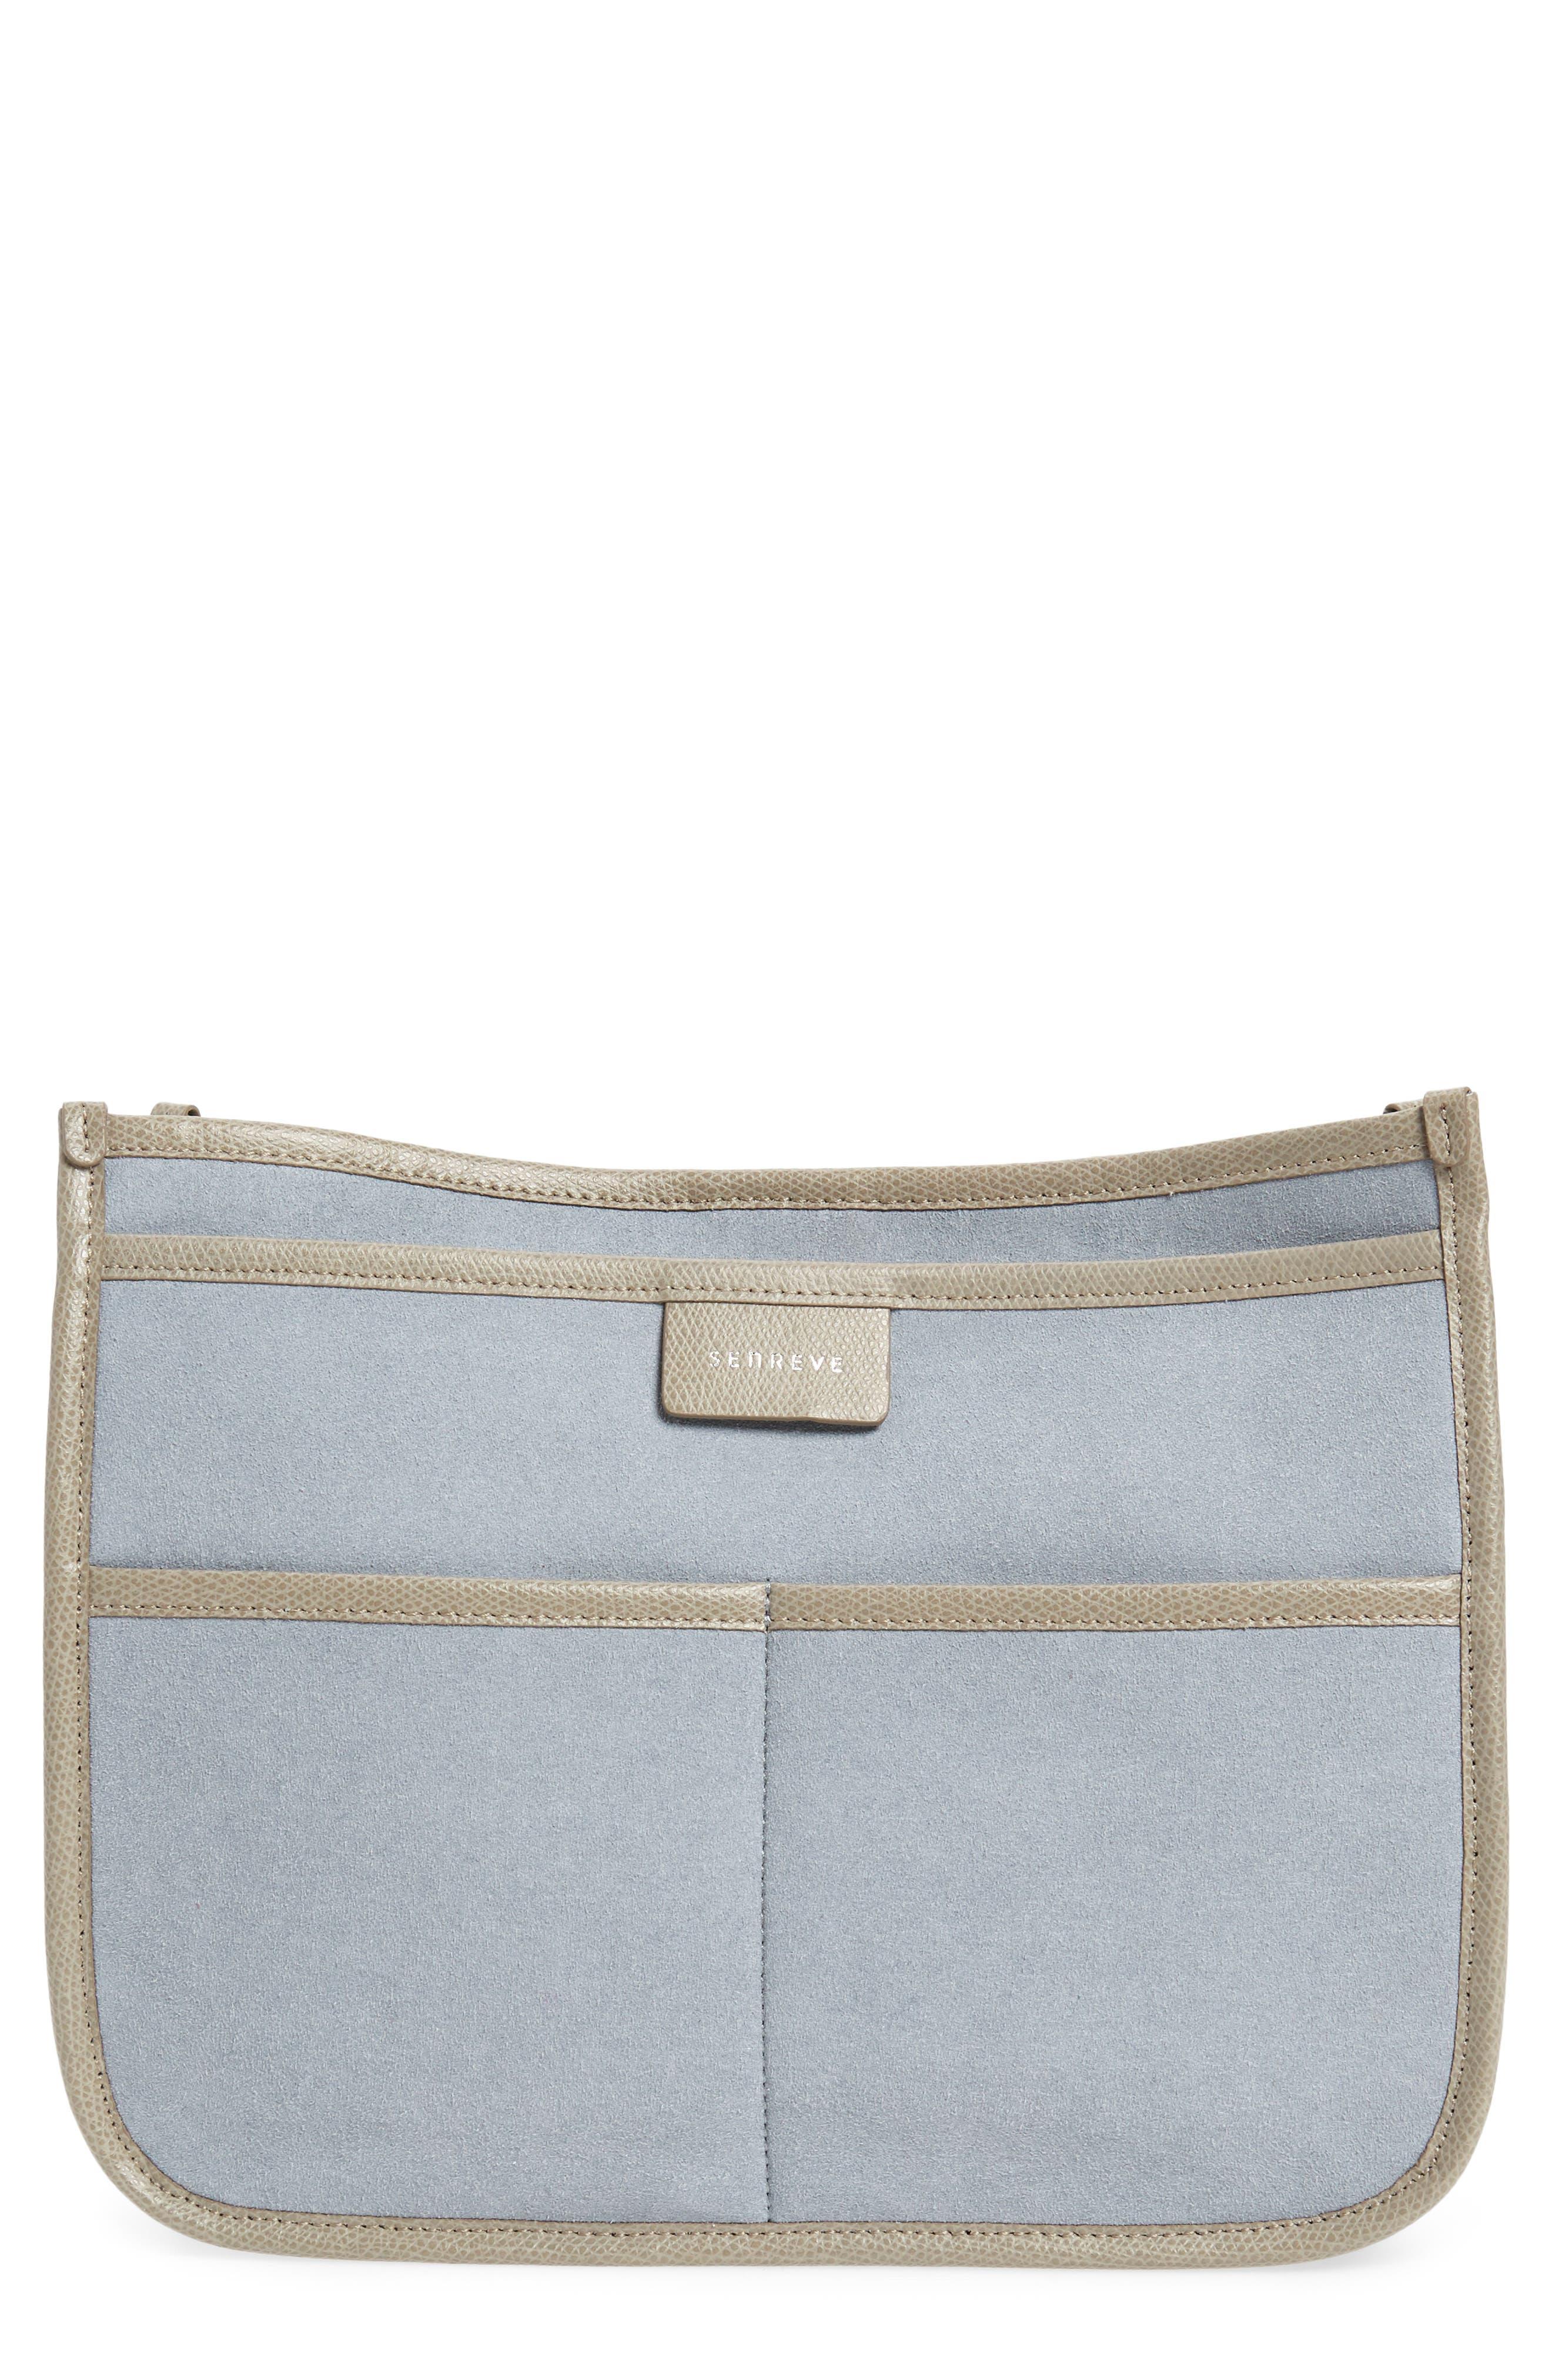 Caddy Microsuede Handbag Organizer,                         Main,                         color, SAND